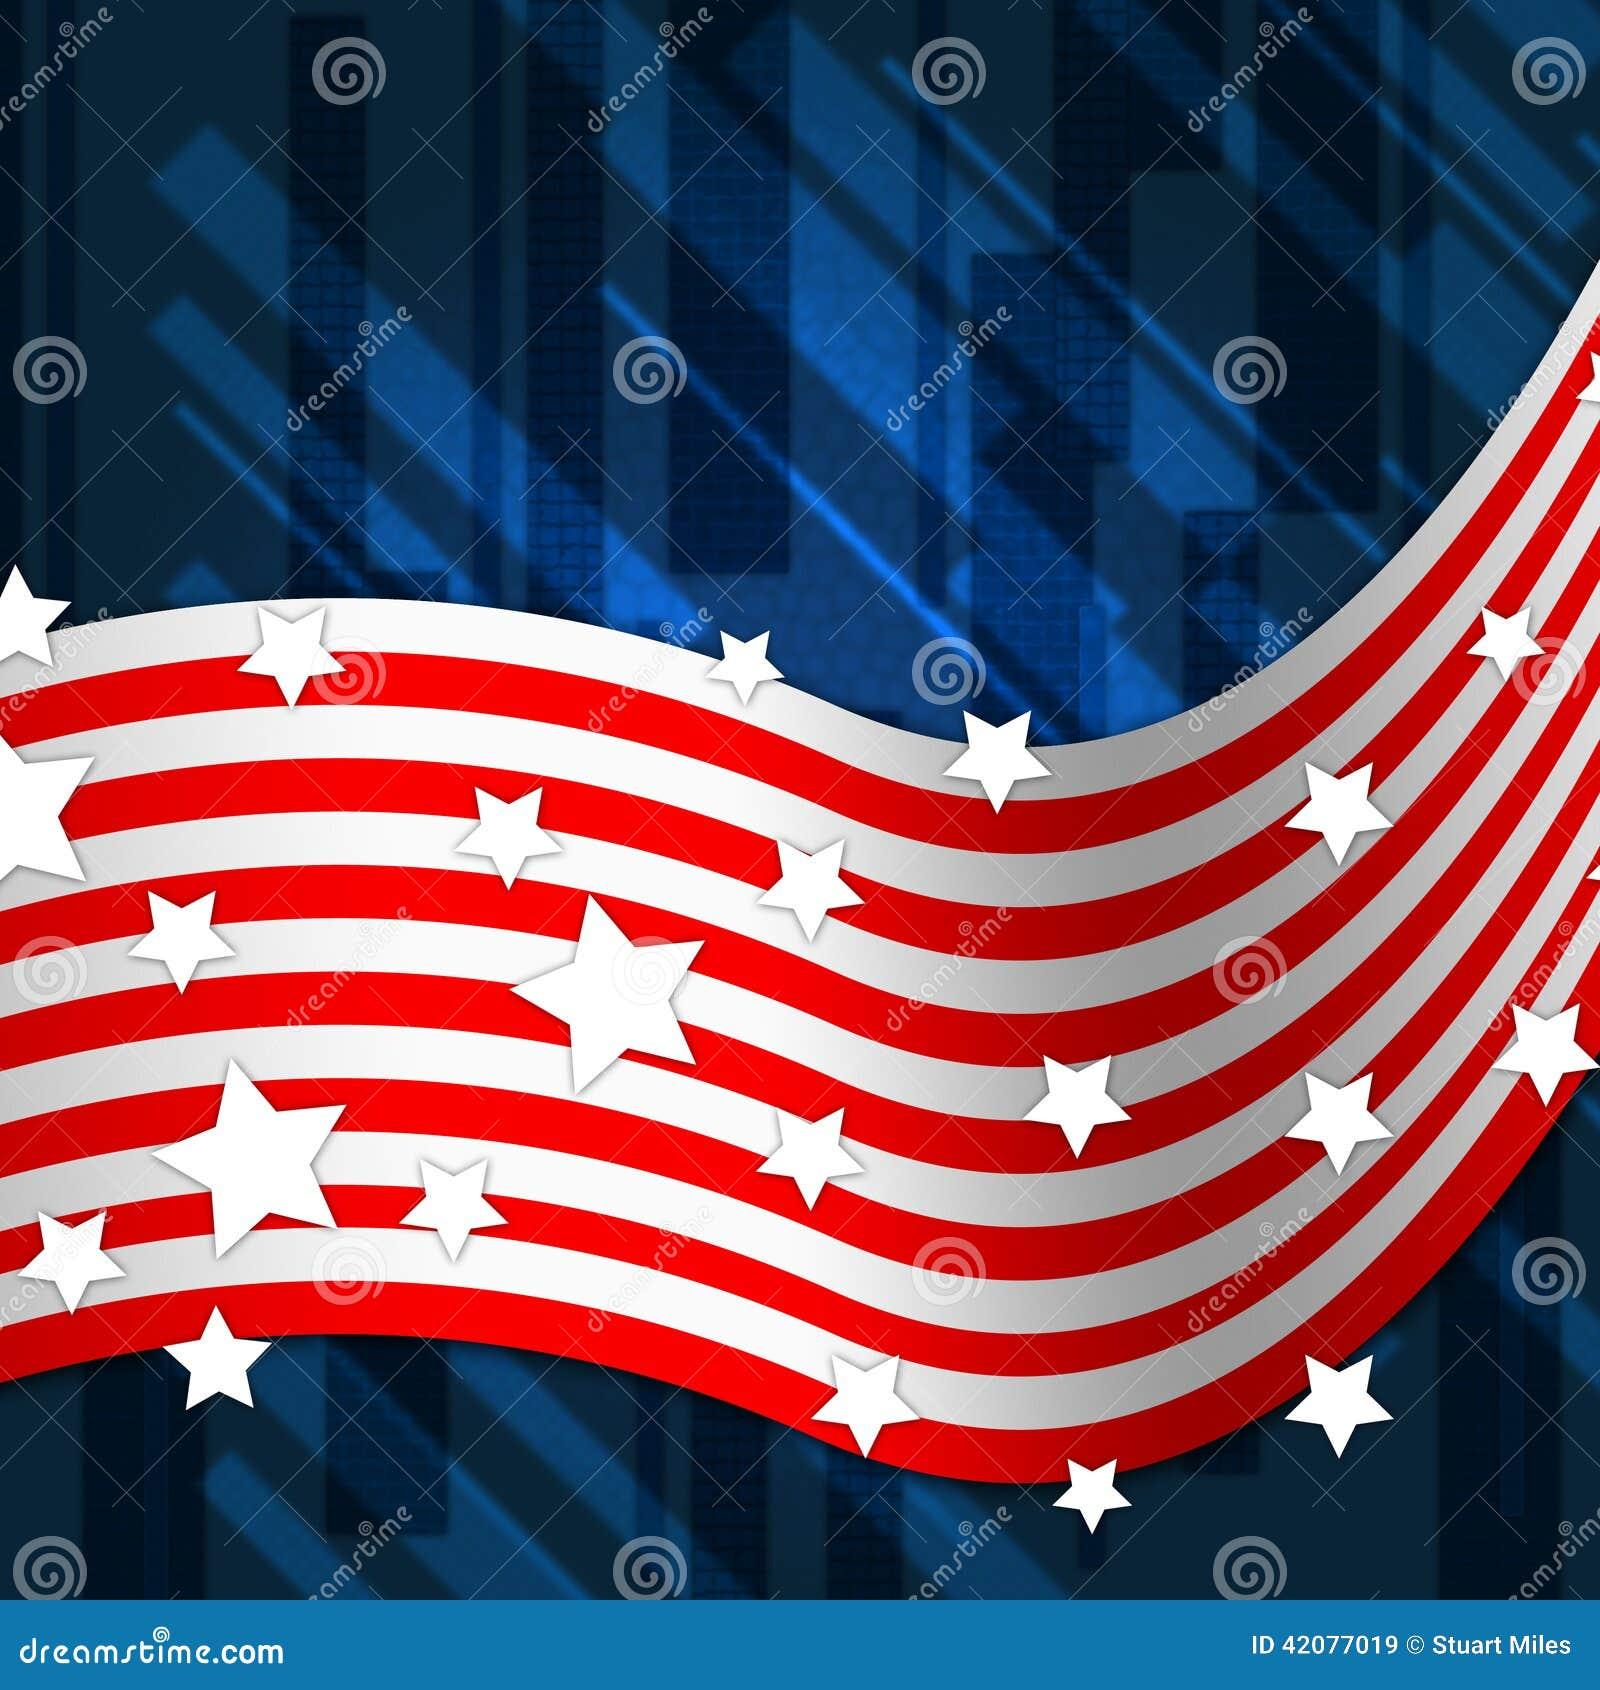 美国国旗背景显示民族自尊心和身分